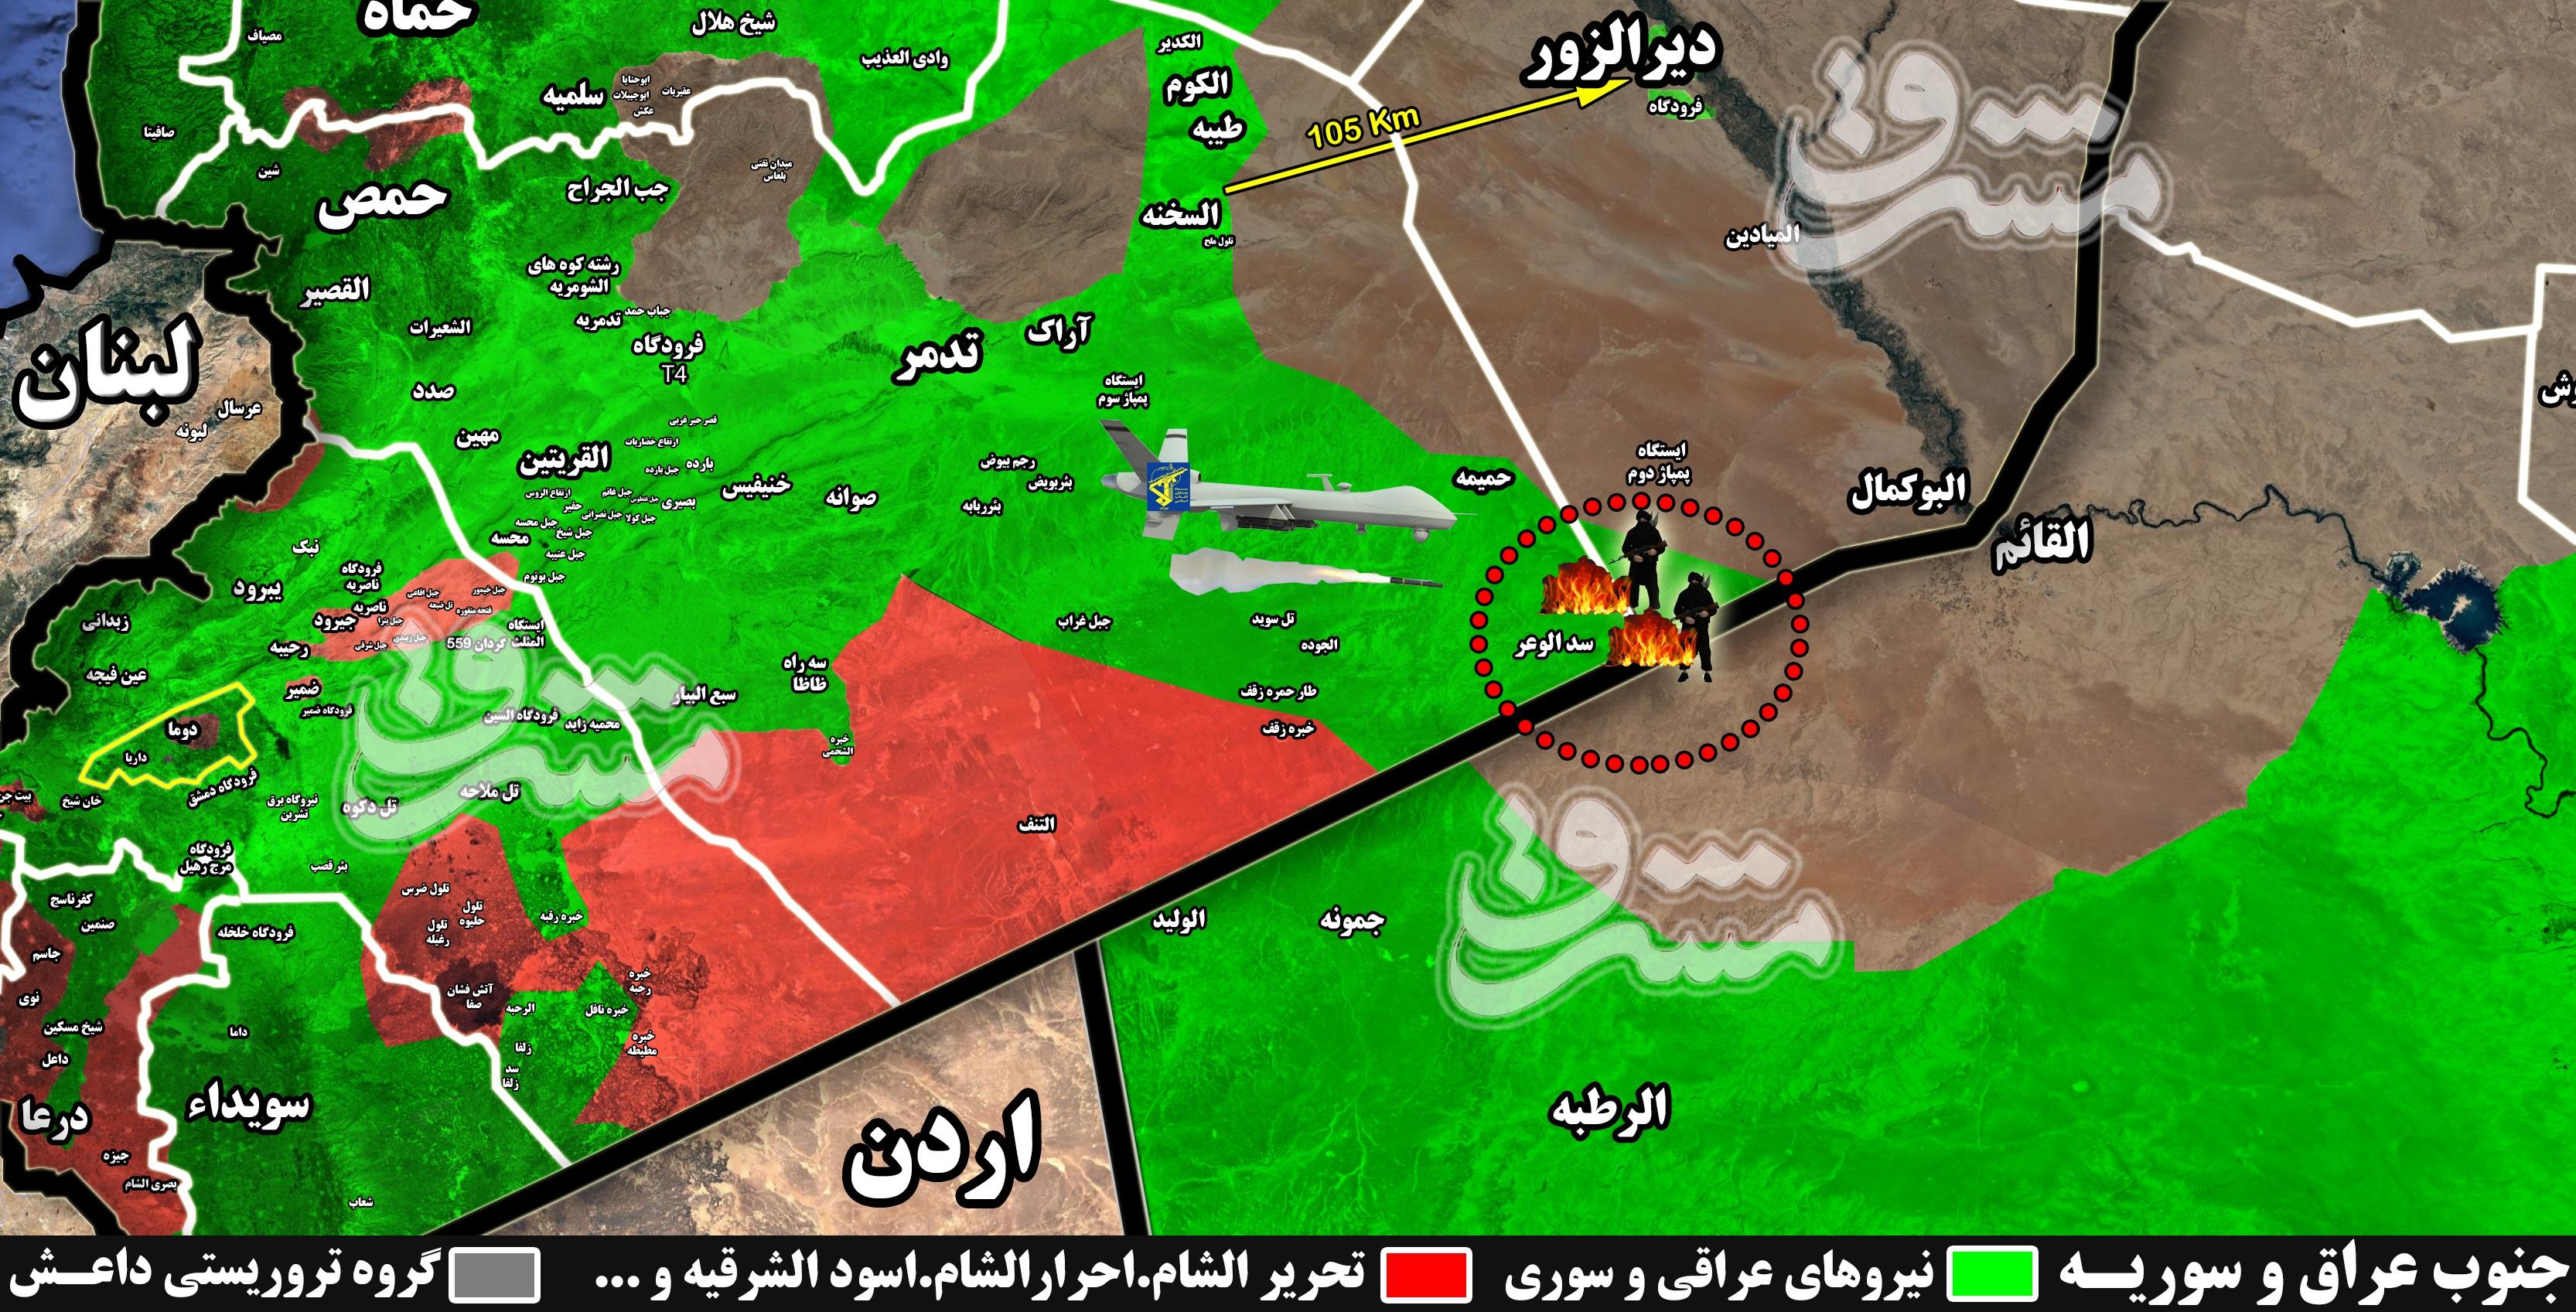 جزئیات دفع حملات بی سابقه داعش توسط یگان پهپادی سپاه پاسداران در جنوب سوریه/ ۱۹۰ تروریست کشته و زخمی شدند + نقشه میدانی